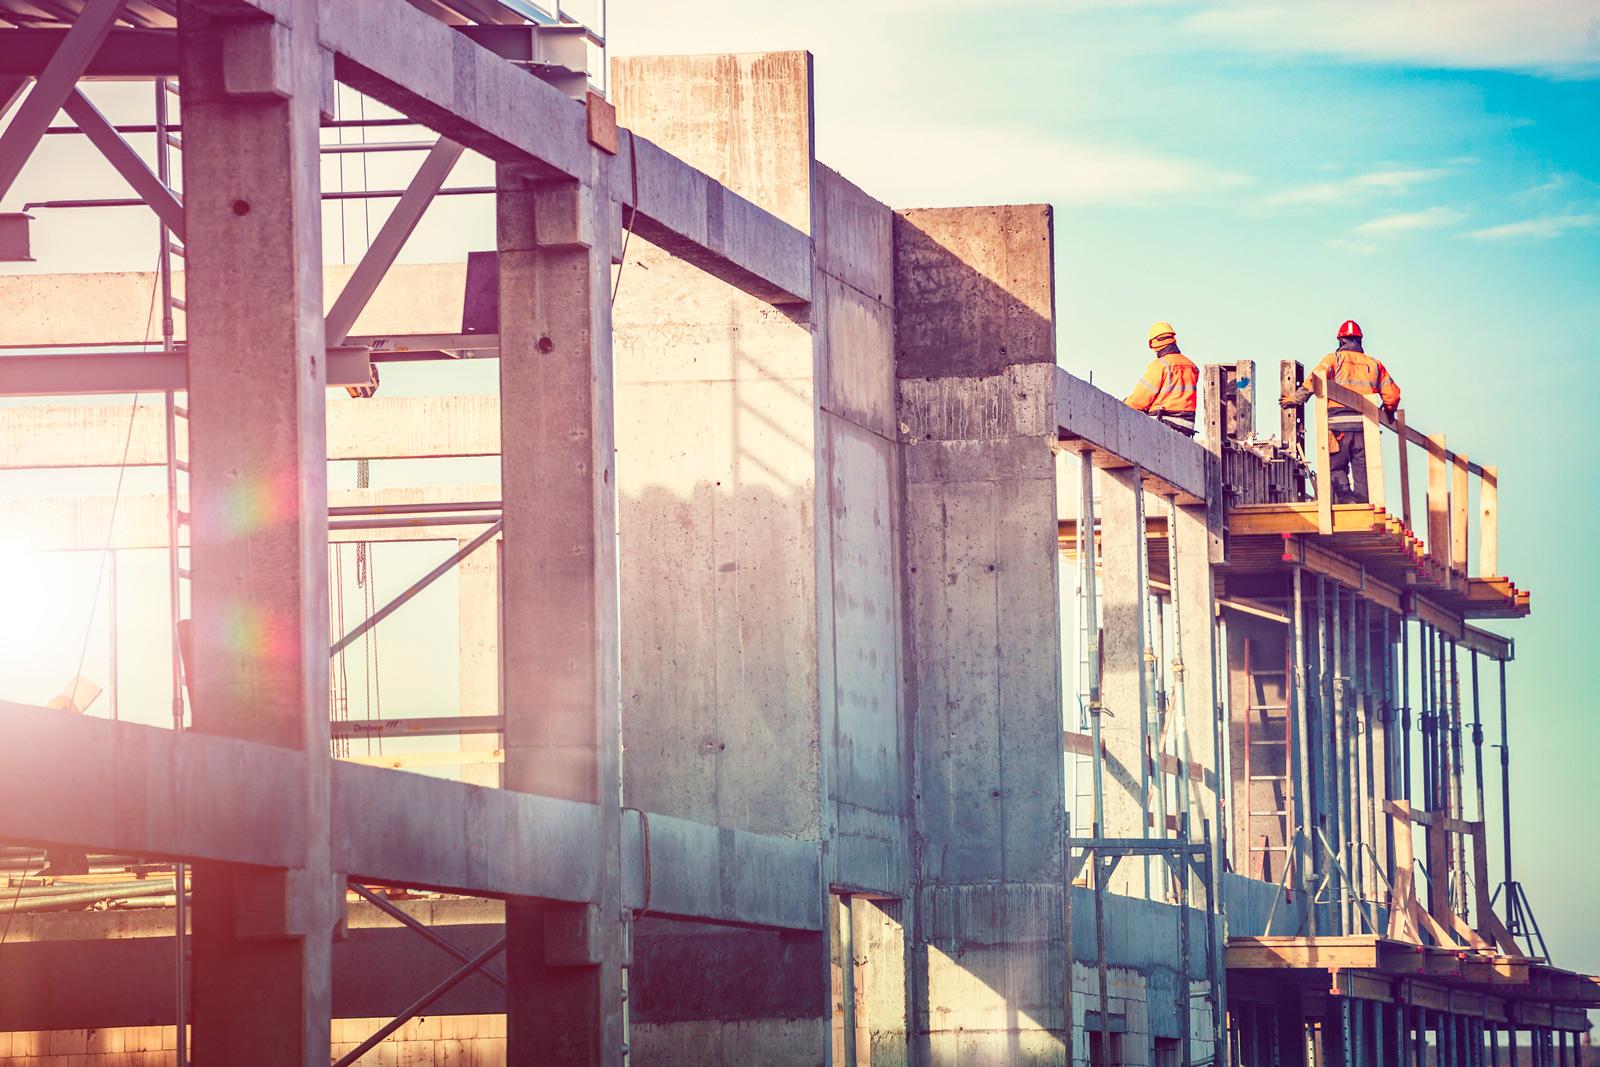 BIM Kurse richten sich nur an Bauingenieure, Planer und Architekten mit Berufserfahrung